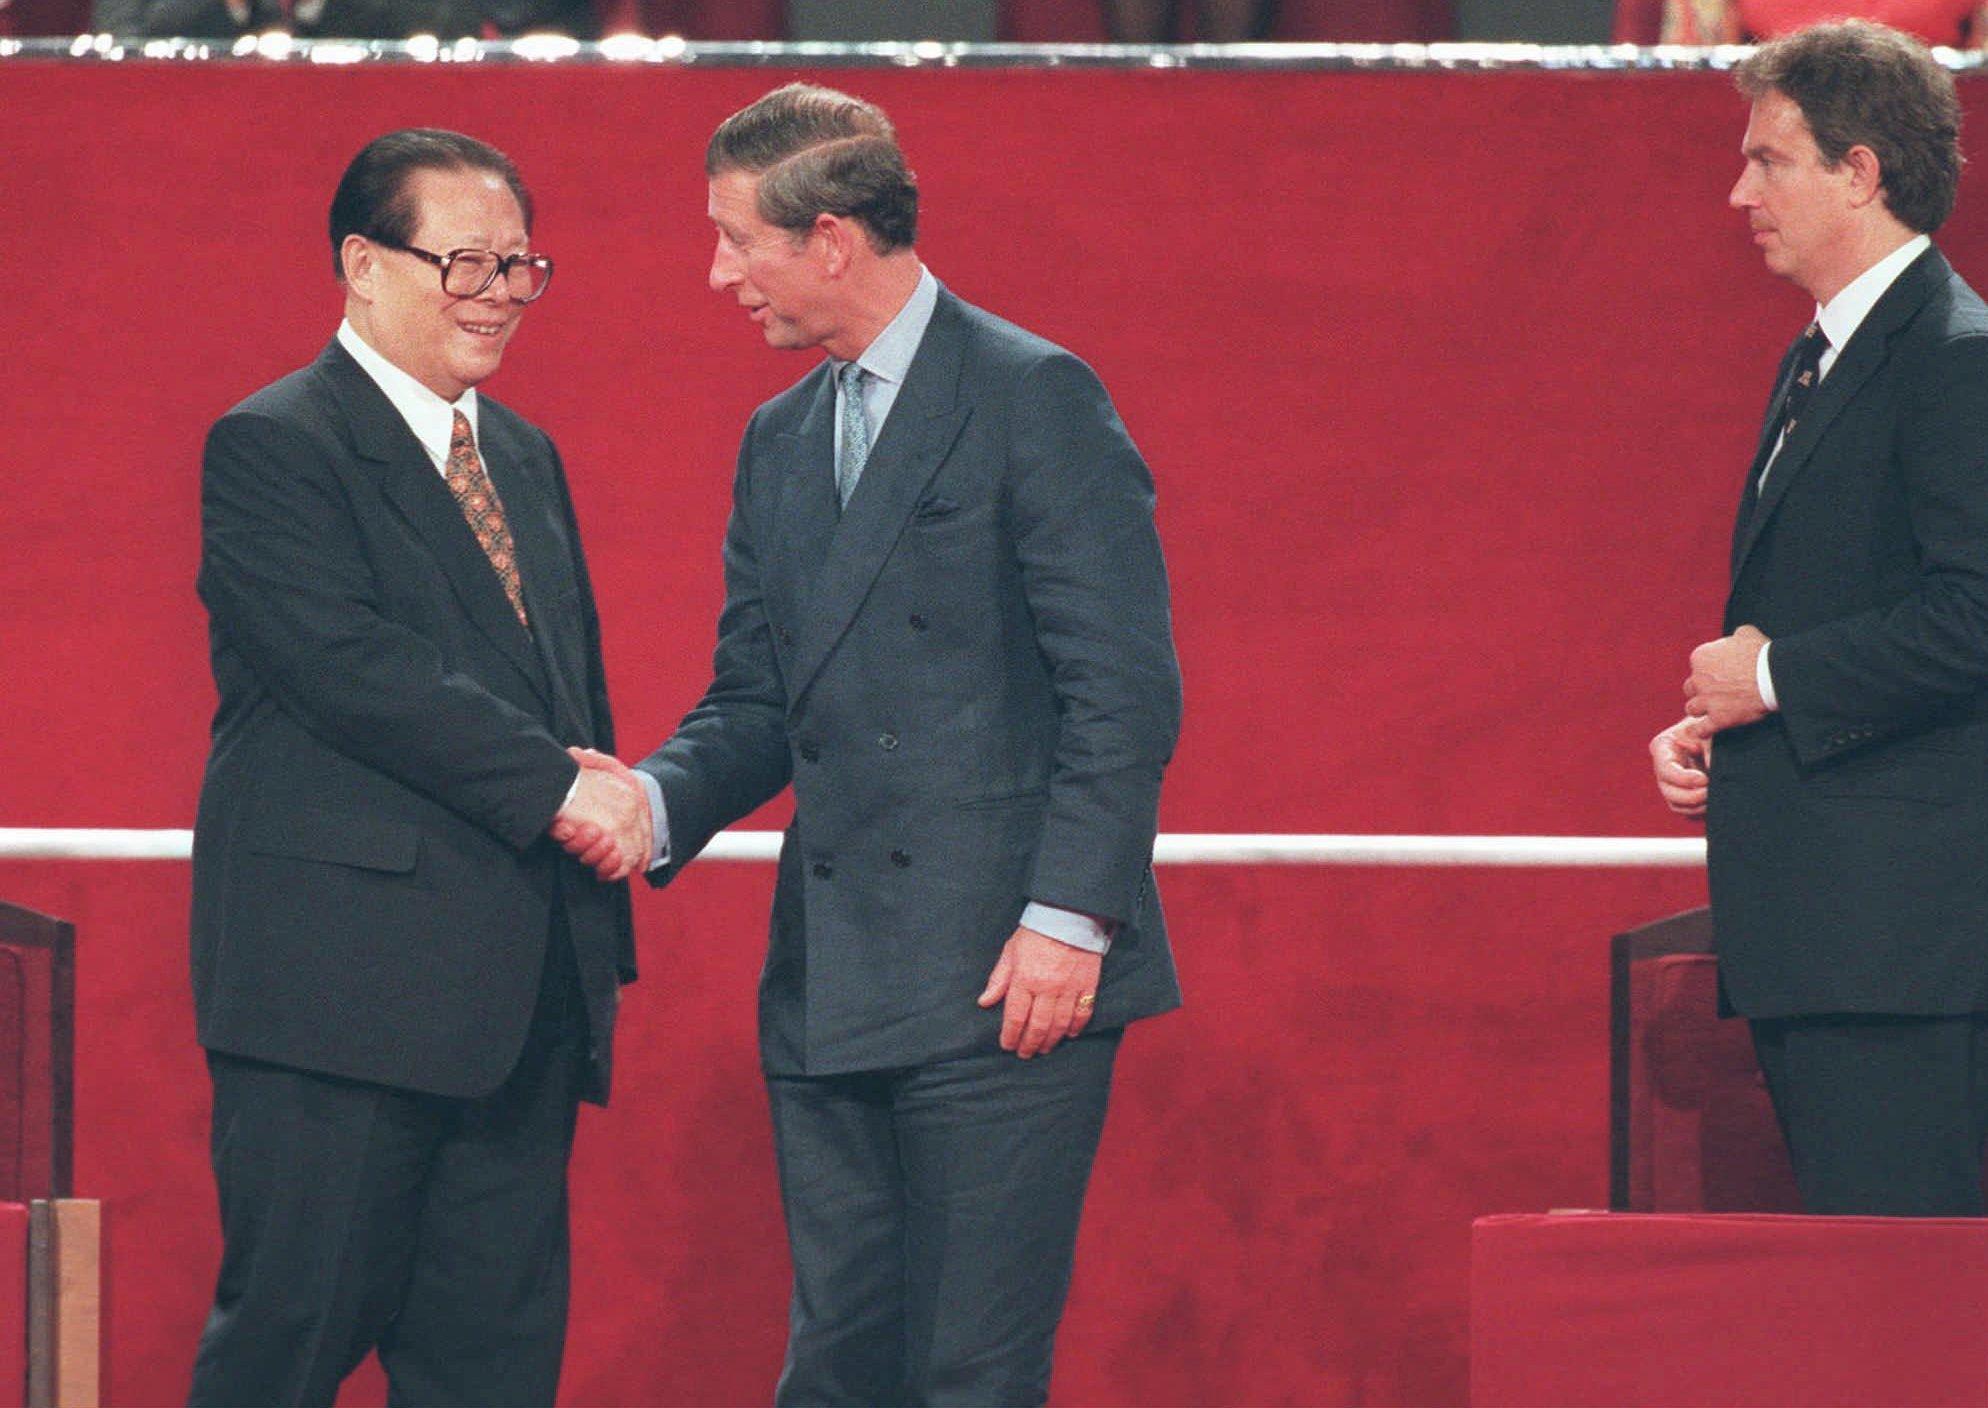 中國國家主席江澤民(左)與英國王儲查理斯(右)出席交接儀式。(美聯社)